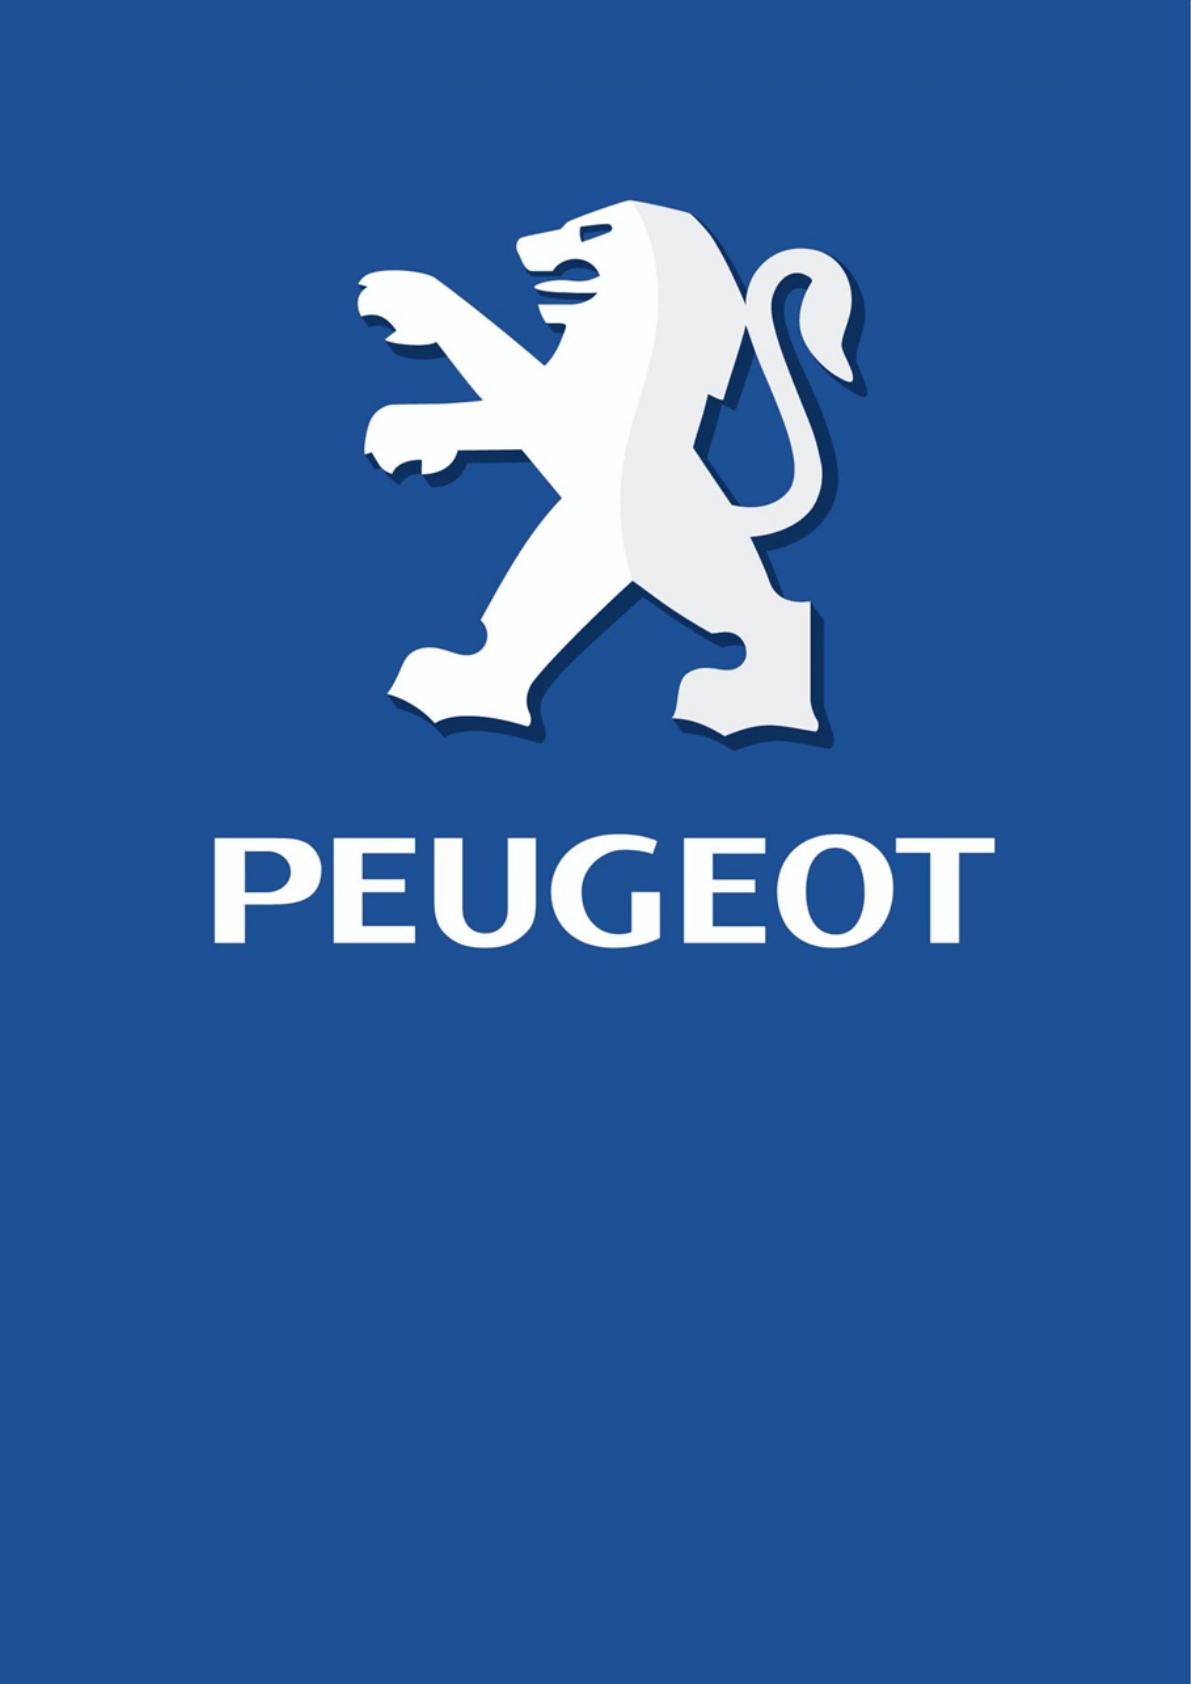 peugeot automobile 405gri sri gtx user guide manualsonline com rh auto manualsonline com 2 Wheeler Auto Mobile Peugeot Peugeot 207